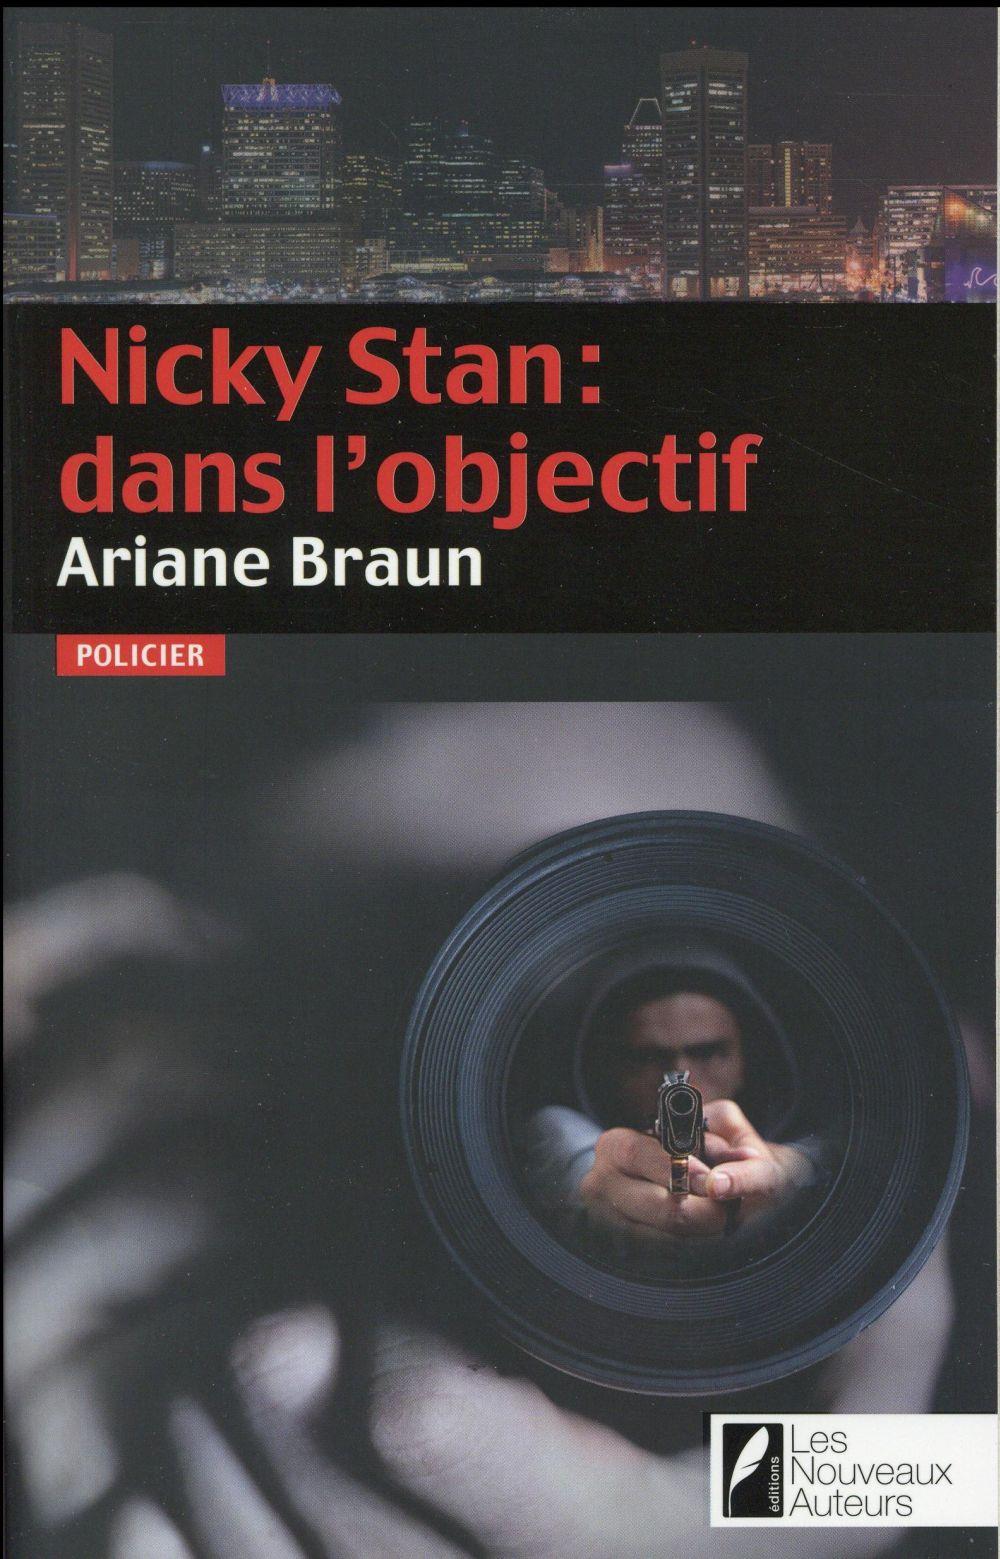 Nicky Stan : dans l'objectif